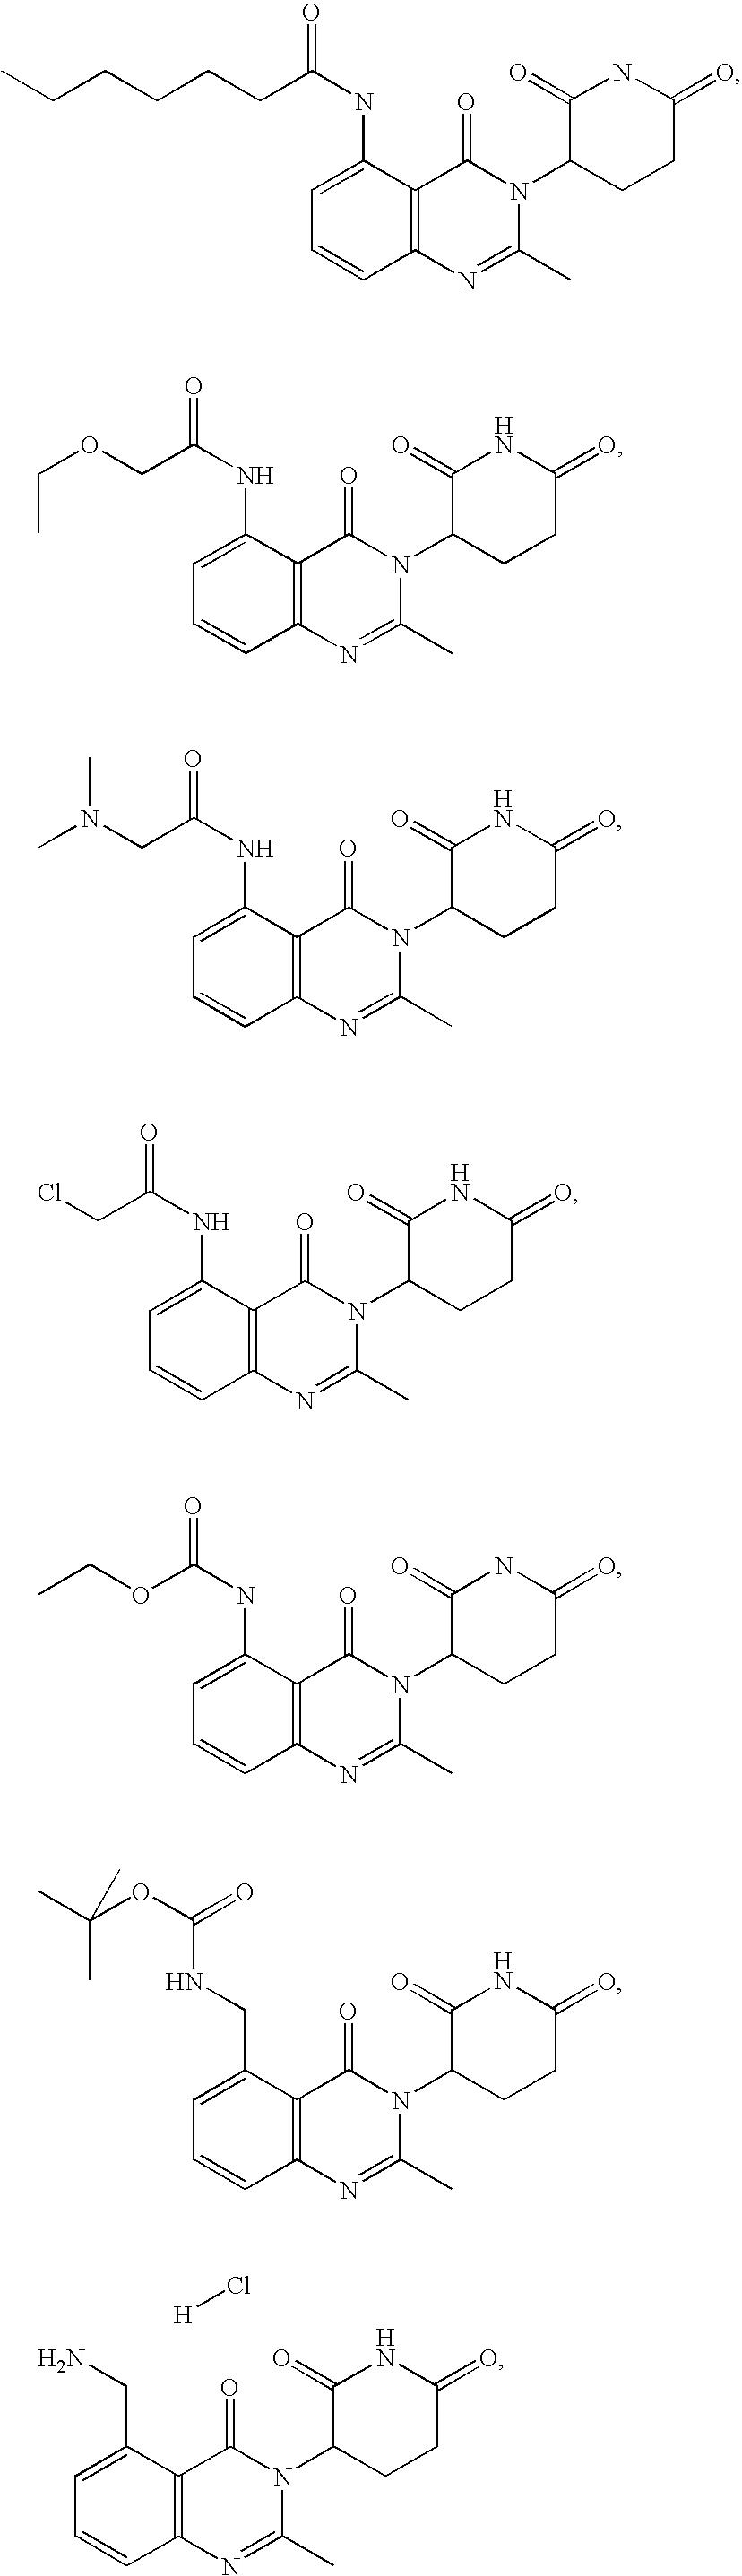 Figure US07635700-20091222-C00078